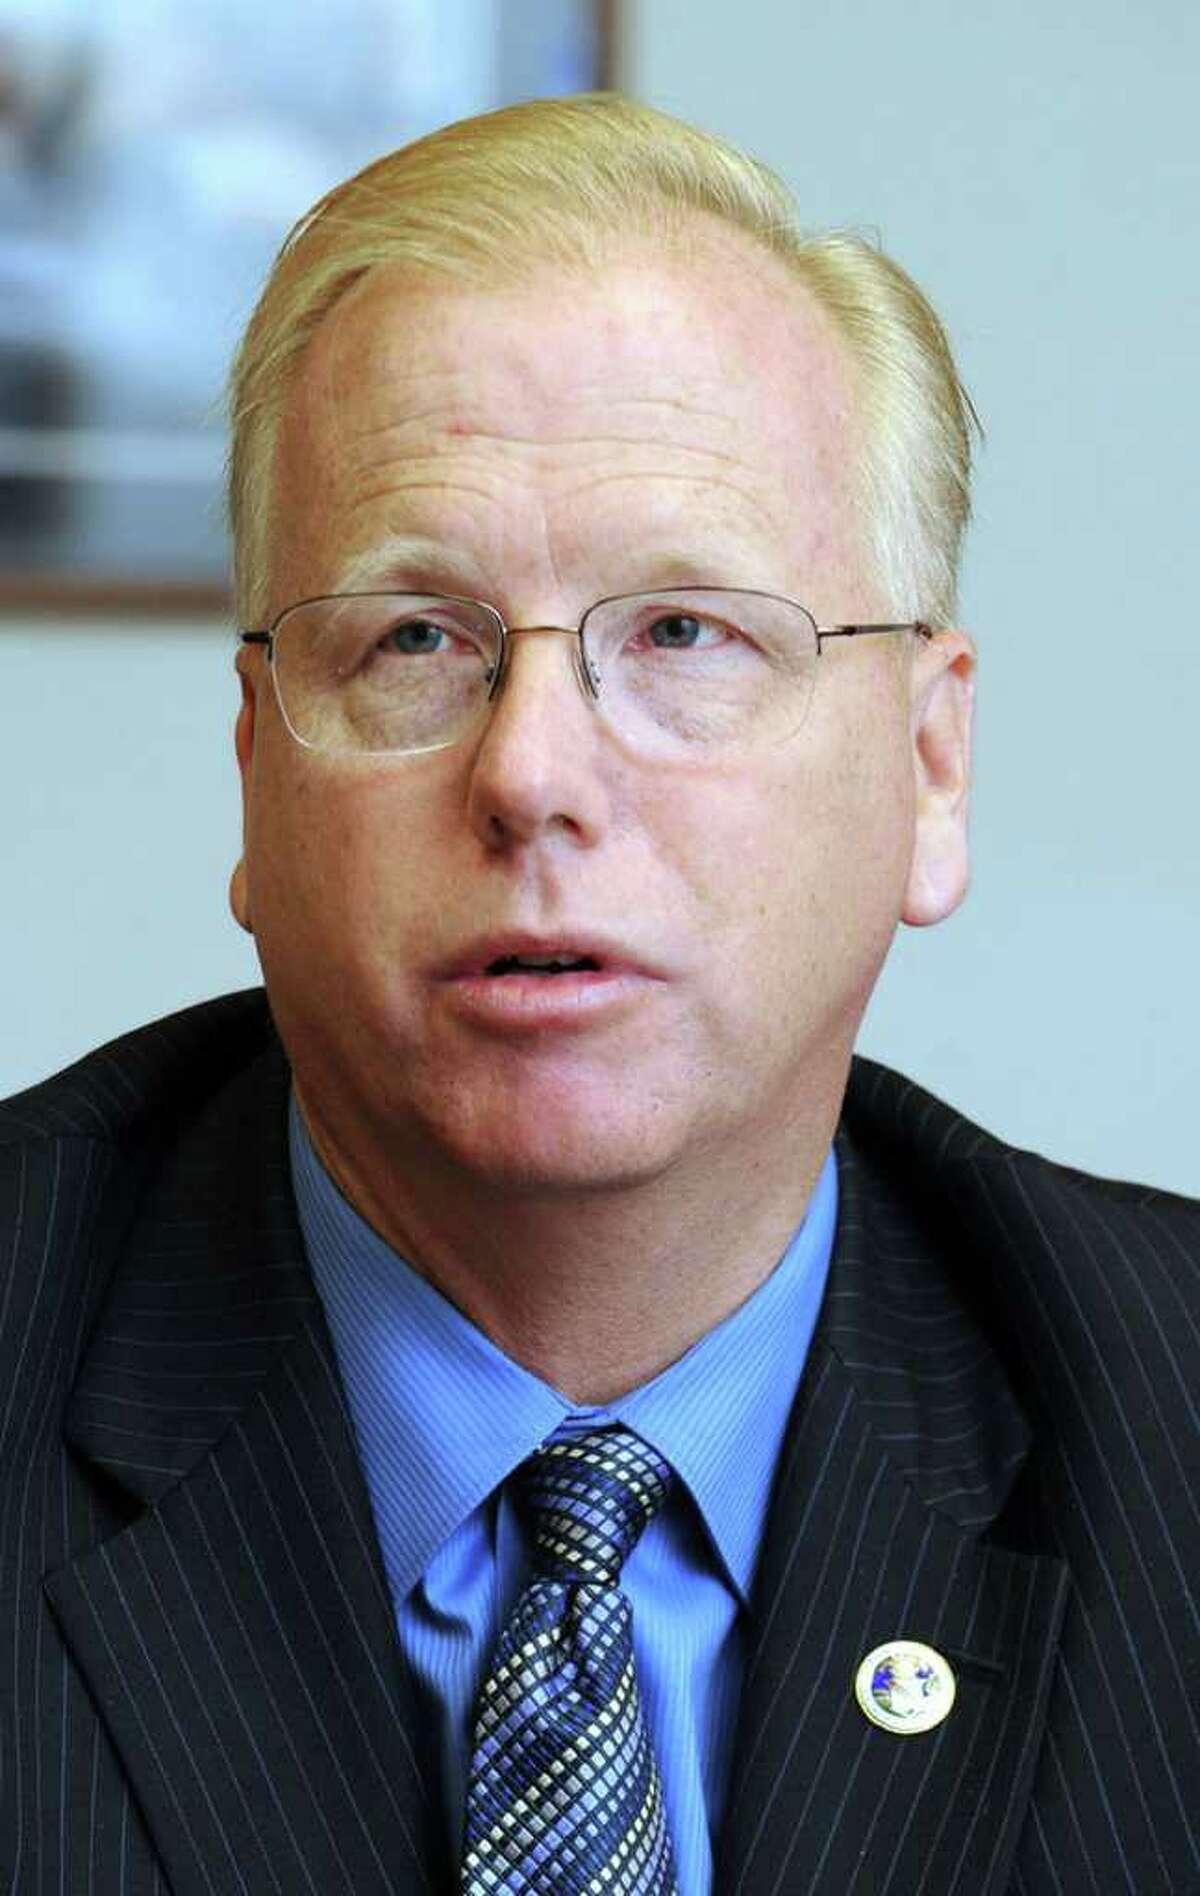 Danbury Mayor Mark Boughton